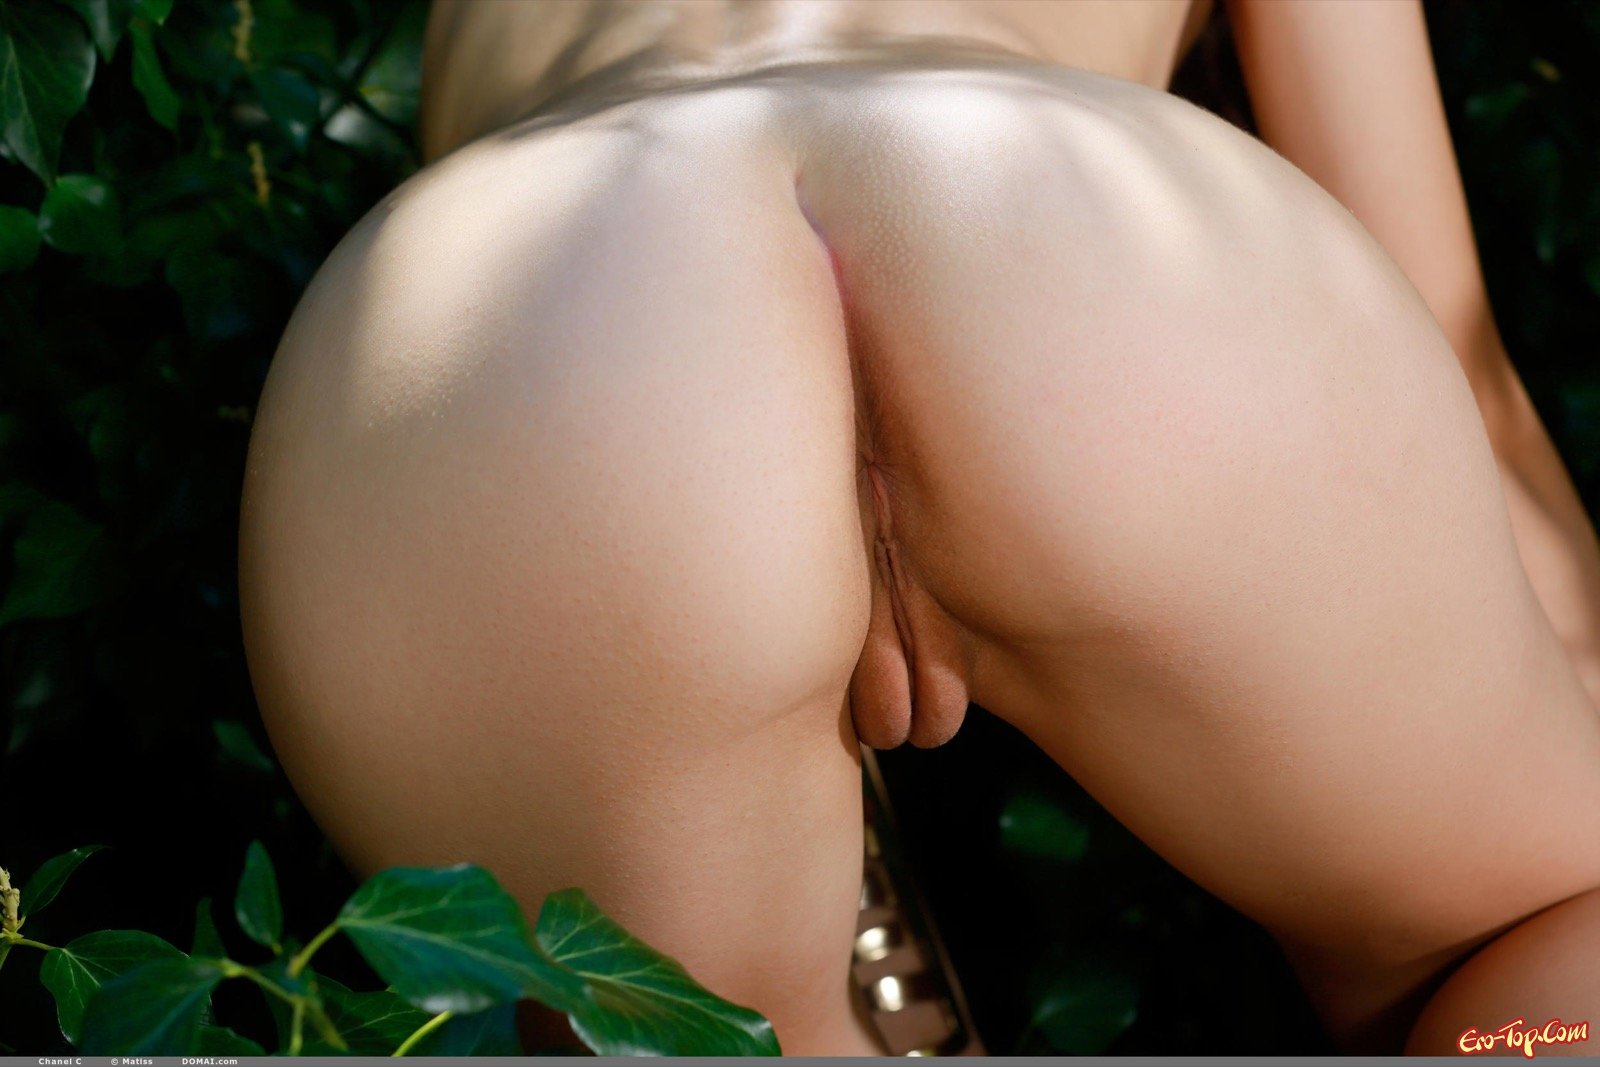 Голая модель с пухленькой писькой снимается в кустах смотреть эротику